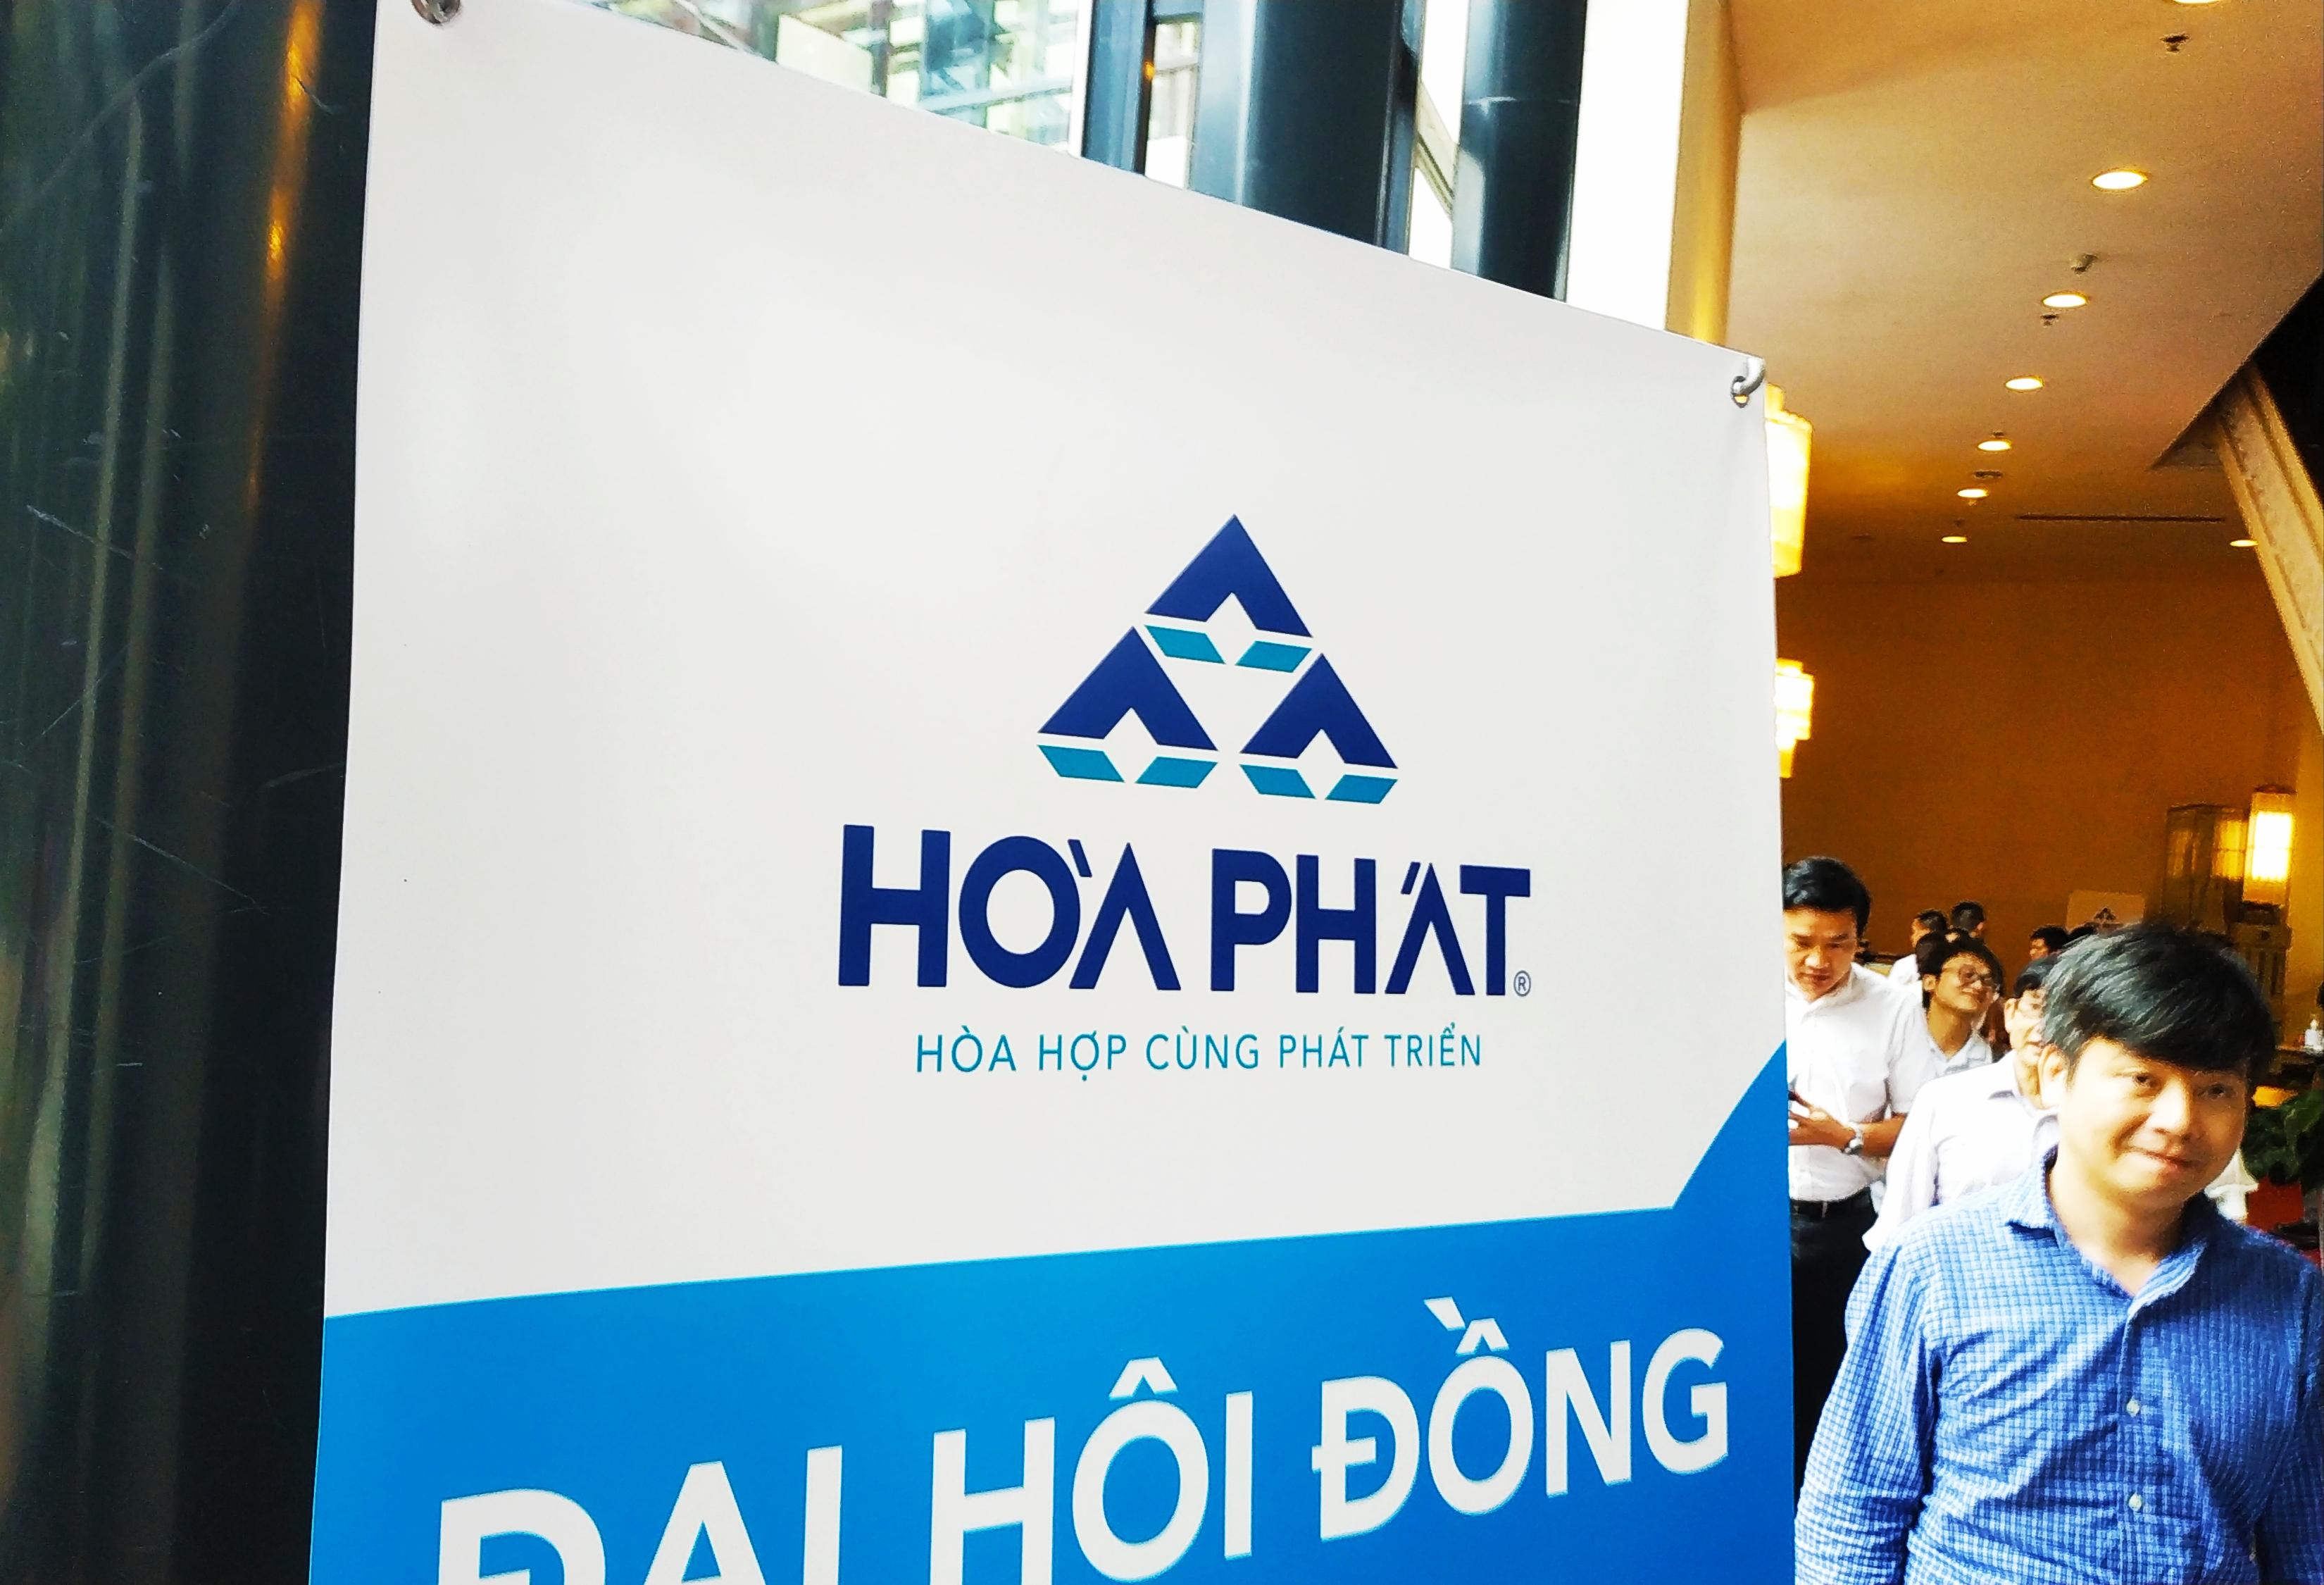 Gia đình Chủ tịch Trần Đình Long sắp nhận hơn 470 tỉ đồng cổ tức từ Hòa Phát - Ảnh 1.